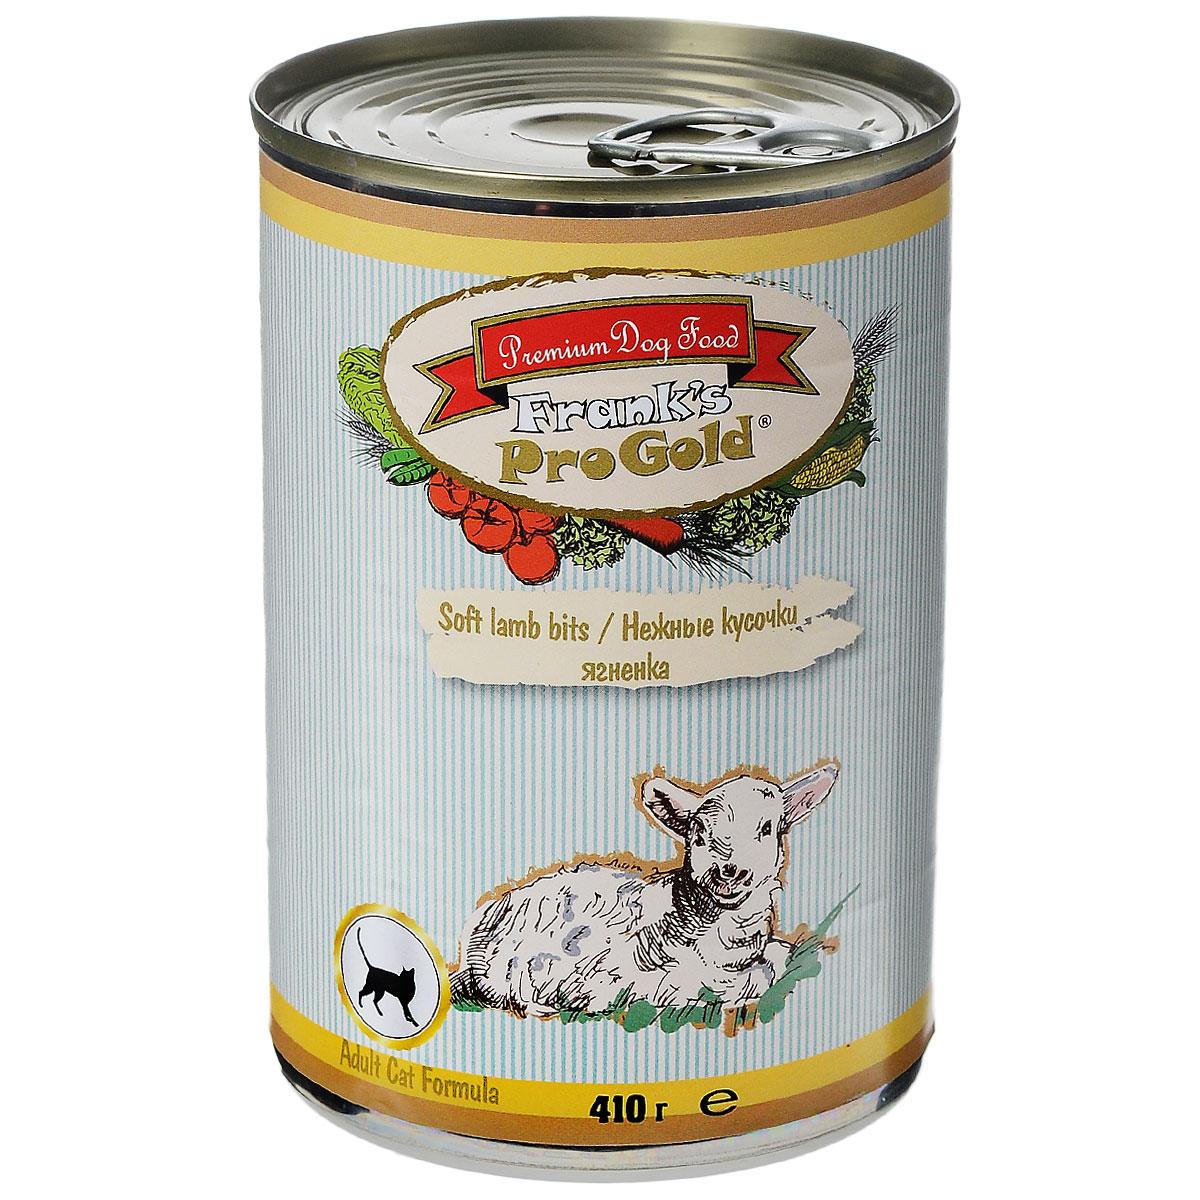 Консервы для кошек Franks ProGold, с ягненком, 410 г0120710Консервы для кошек Franks ProGold - полнорационный продукт, содержащий все необходимые витамины и минералы, сбалансированный для поддержания оптимального здоровья вашего питомца! Ваш любимец, безусловно, оценит нежнейшие кусочки мяса в желе! Произведенные из натуральных ингредиентов, консервы Franks Pro Gold не содержат ГМО, сою, искусственных красителей, консервантов и усилителей вкуса. Состав: мясо курицы, ягненок, мясо и его производные, злаки, витамины и минералы. Пищевая ценность: влажность 81%,белки 6,5%, жиры 4,5%, зола 2%, клетчатка 0,5%. Добавки: витамин A 1600 IU, витамин D 140 IU, витамин E 10 IU, таурин 300 мг/кг, железо E1 24 мг/кг, марганец E5 6 мг/кг, цинк E6 15 мг/кг, йодин E2 0,3 мг/кг. Калорийность: 393,6 ккал. Товар сертифицирован.